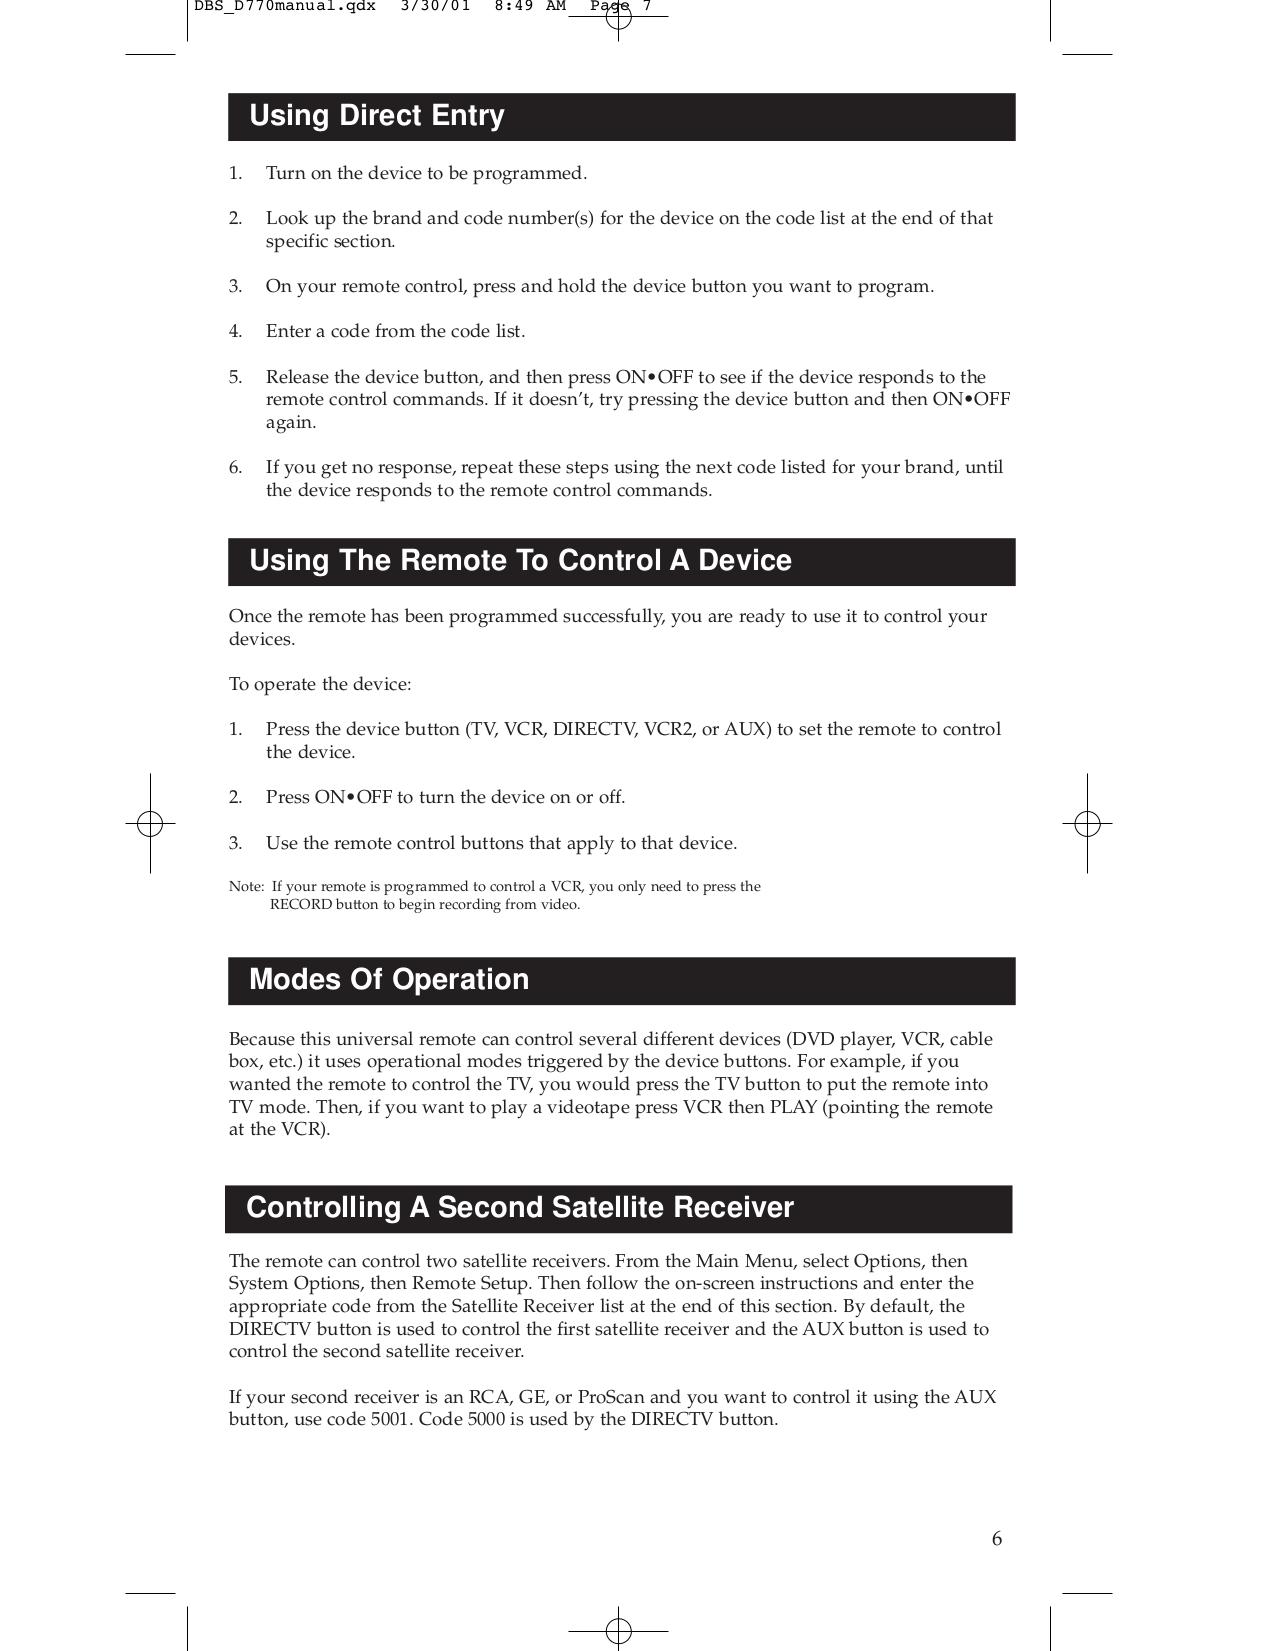 D770 Rca remote Manual